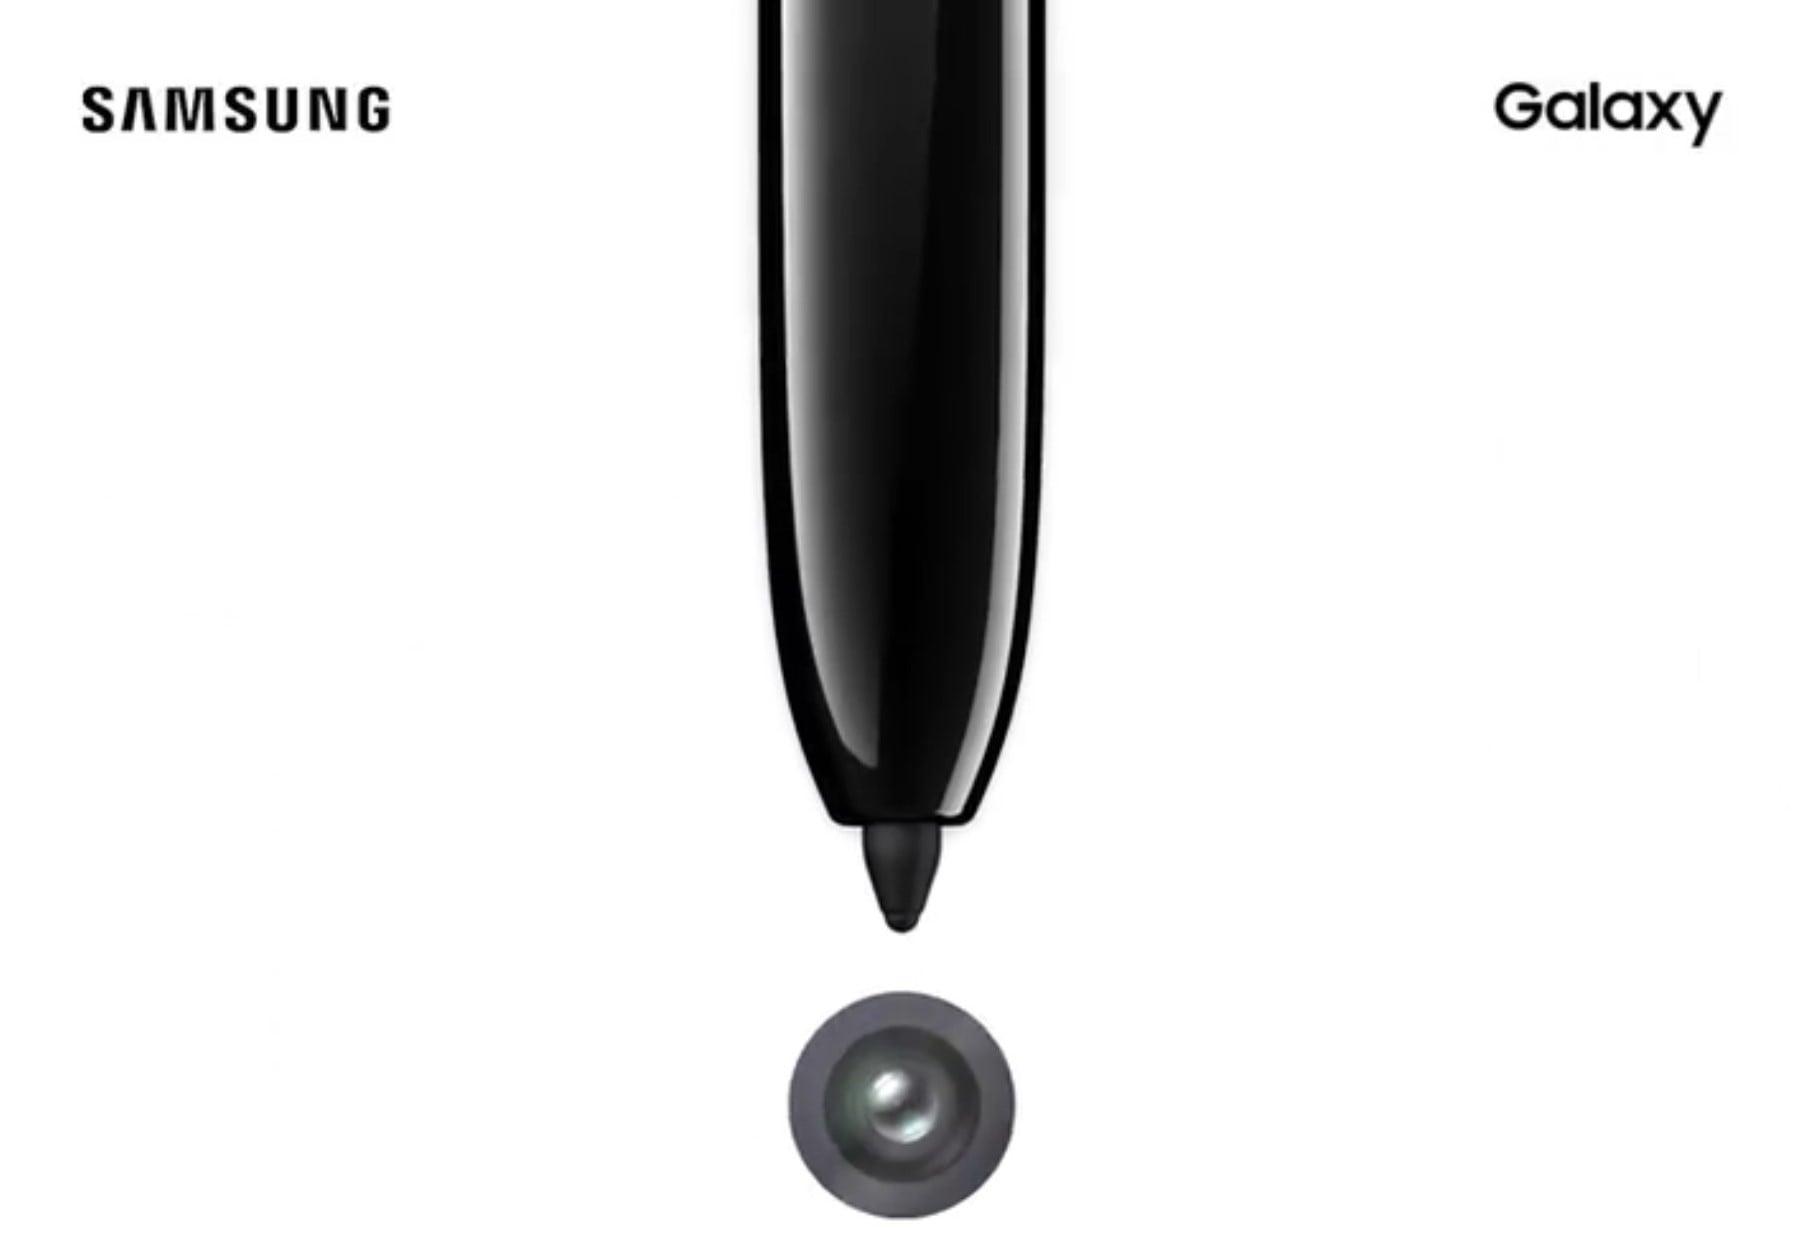 Zapowiedź Samsunga Galaxy Note 10 nie daje złudzeń - to smartfon dla ludzi biznesu 21